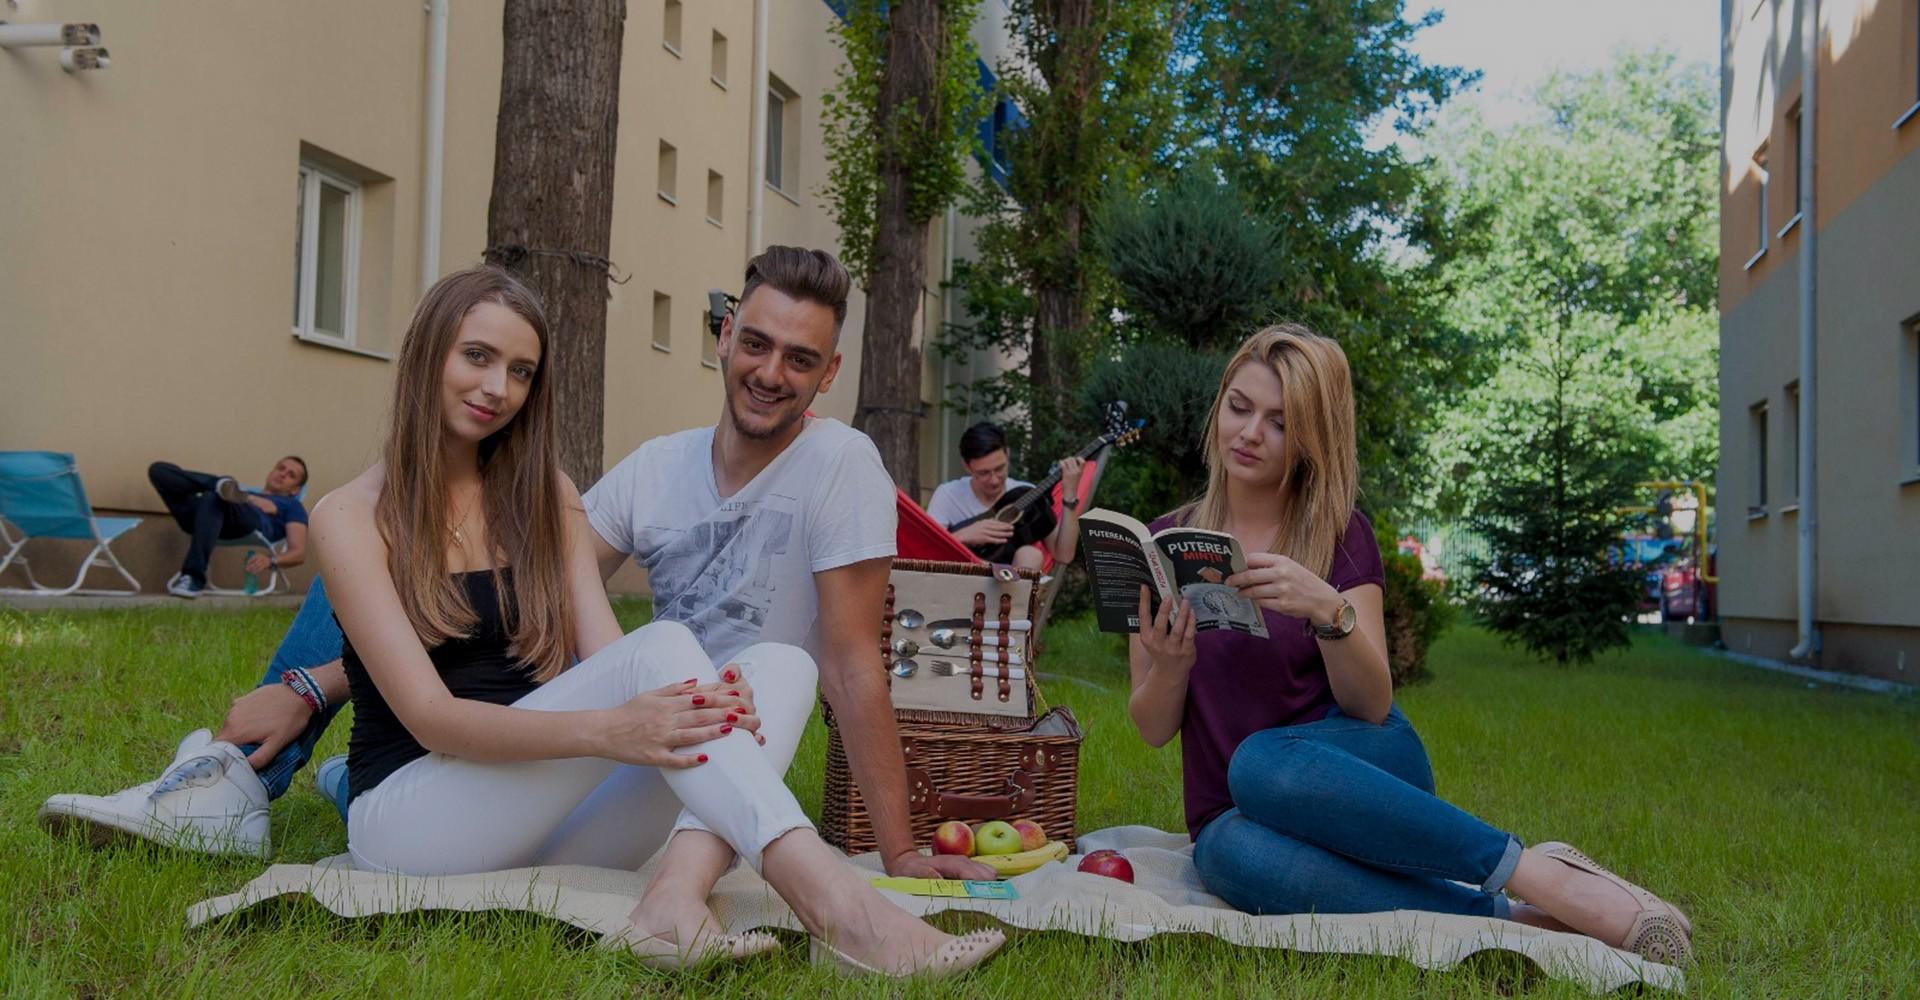 Studenți la picnic și studiu în curtea unuia din căminele private din București - Arcca